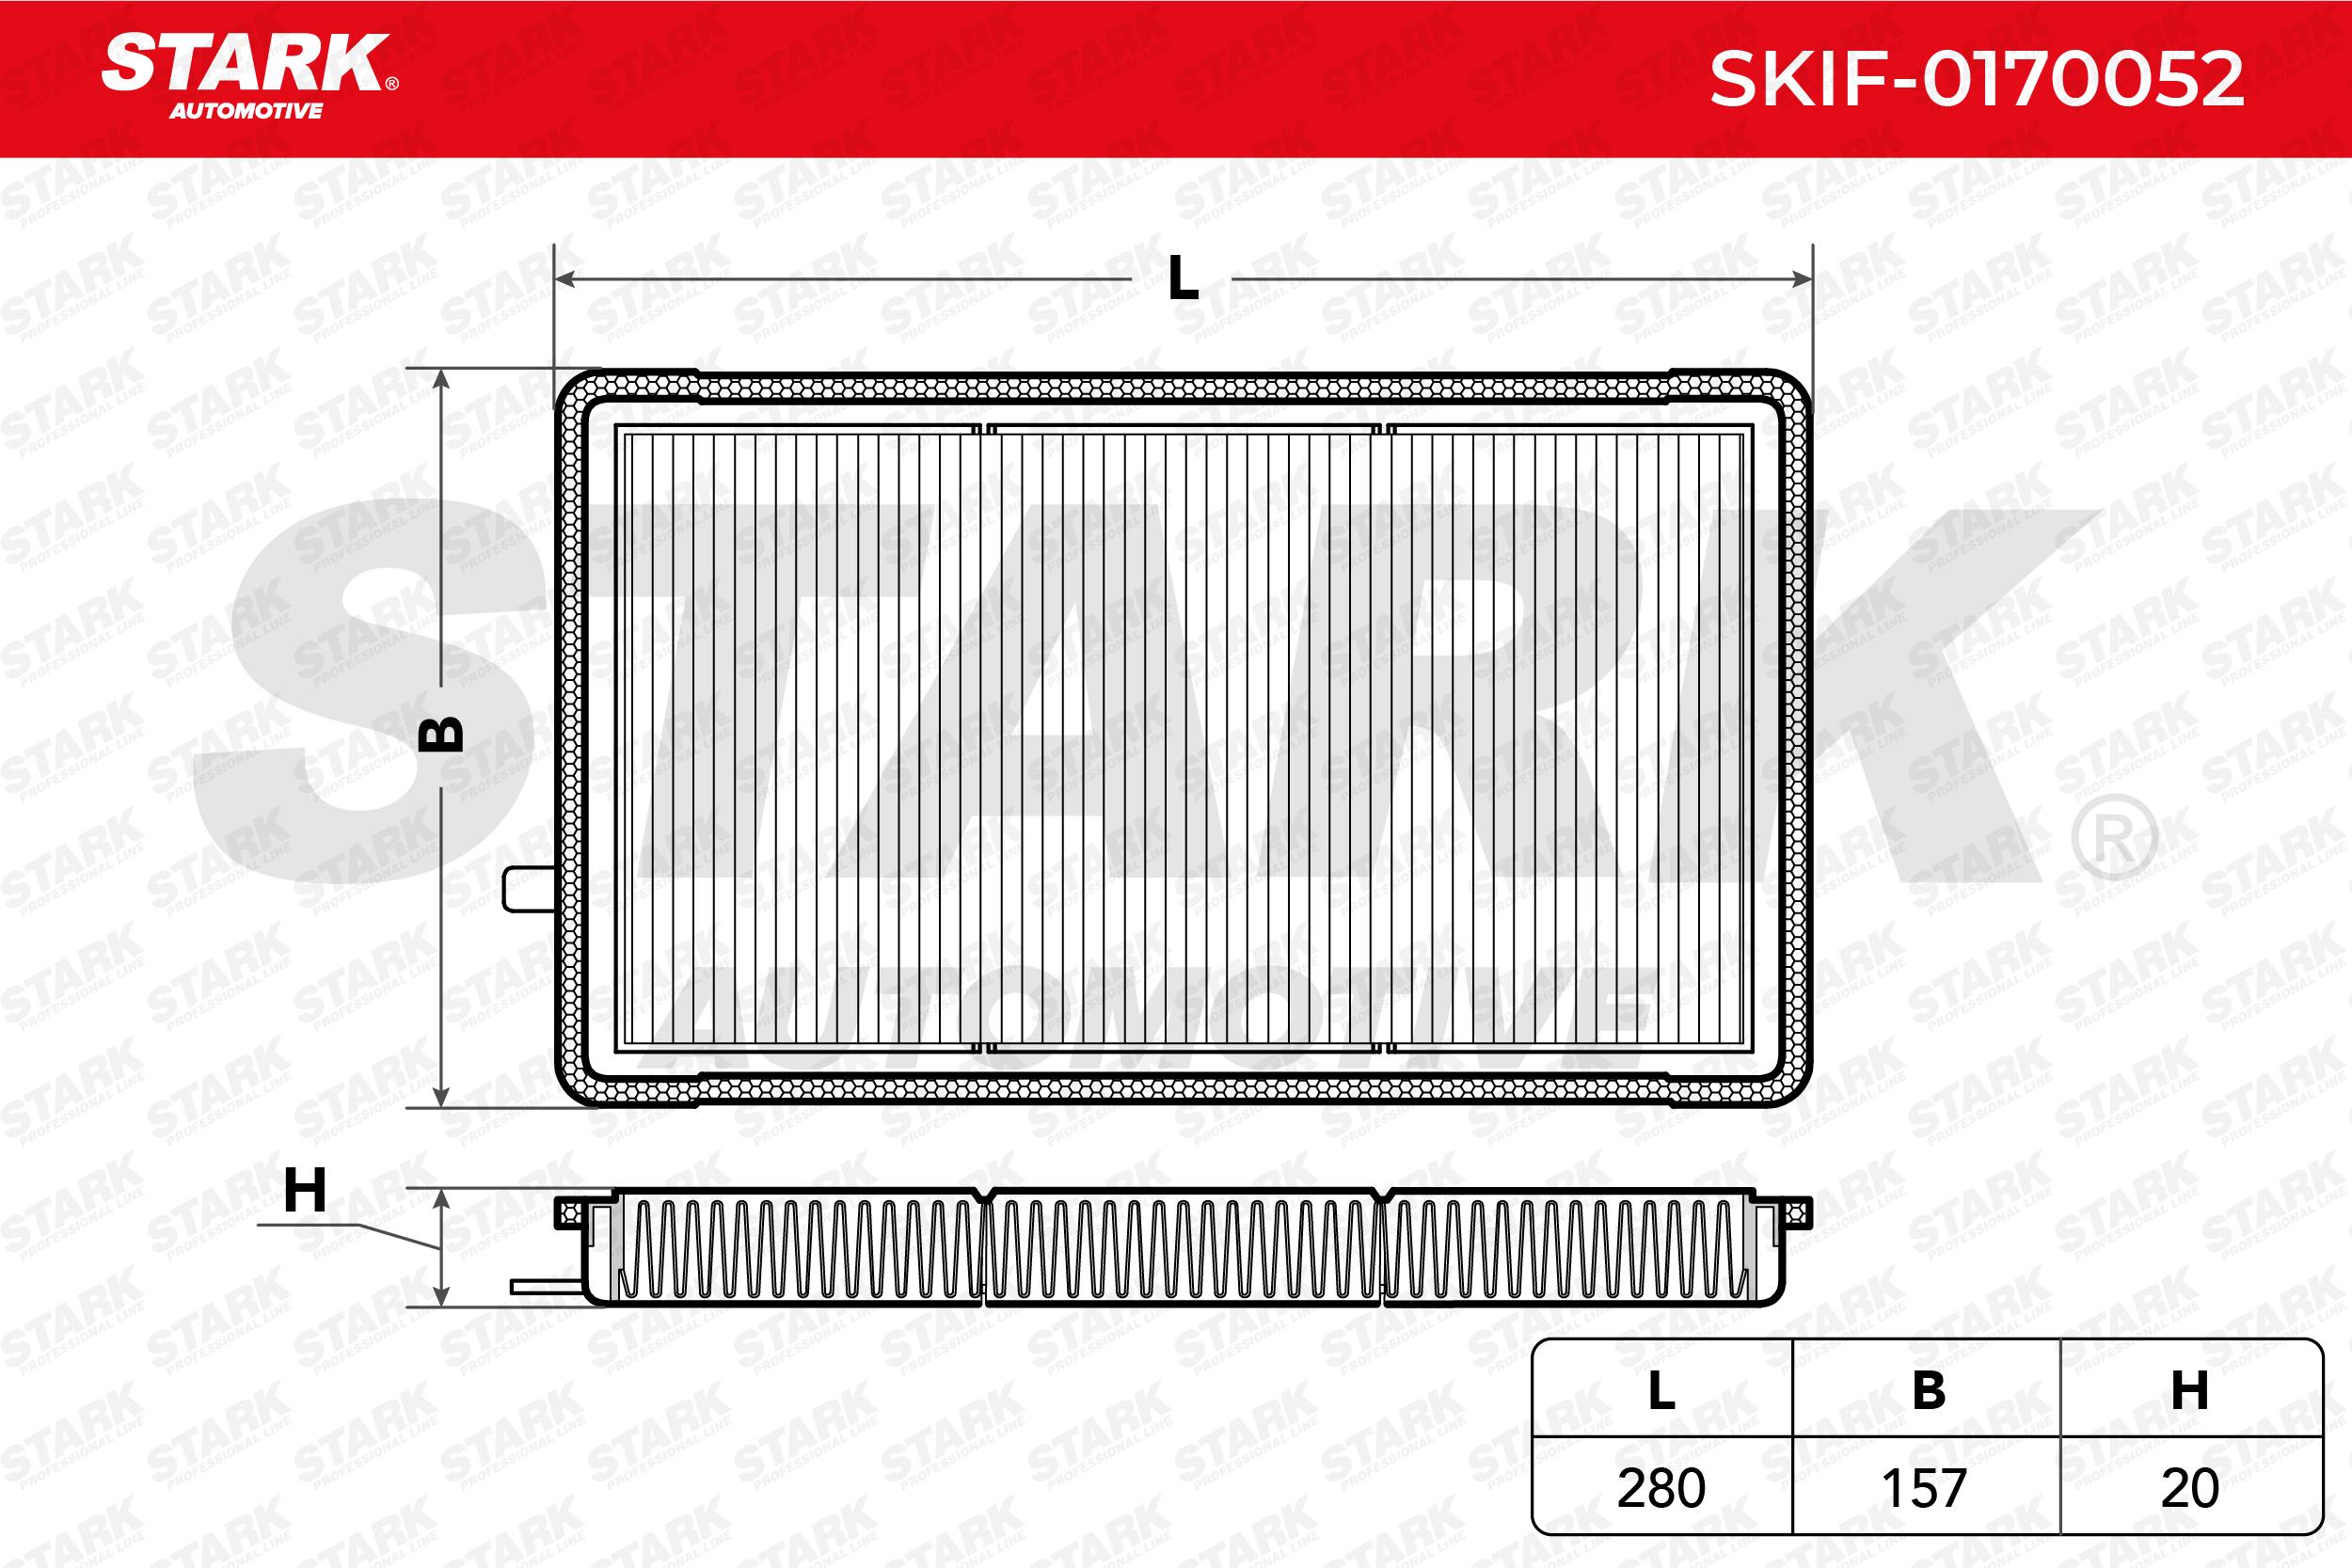 Filtro de Habitáculo SKIF-0170052 STARK SKIF-0170052 en calidad original